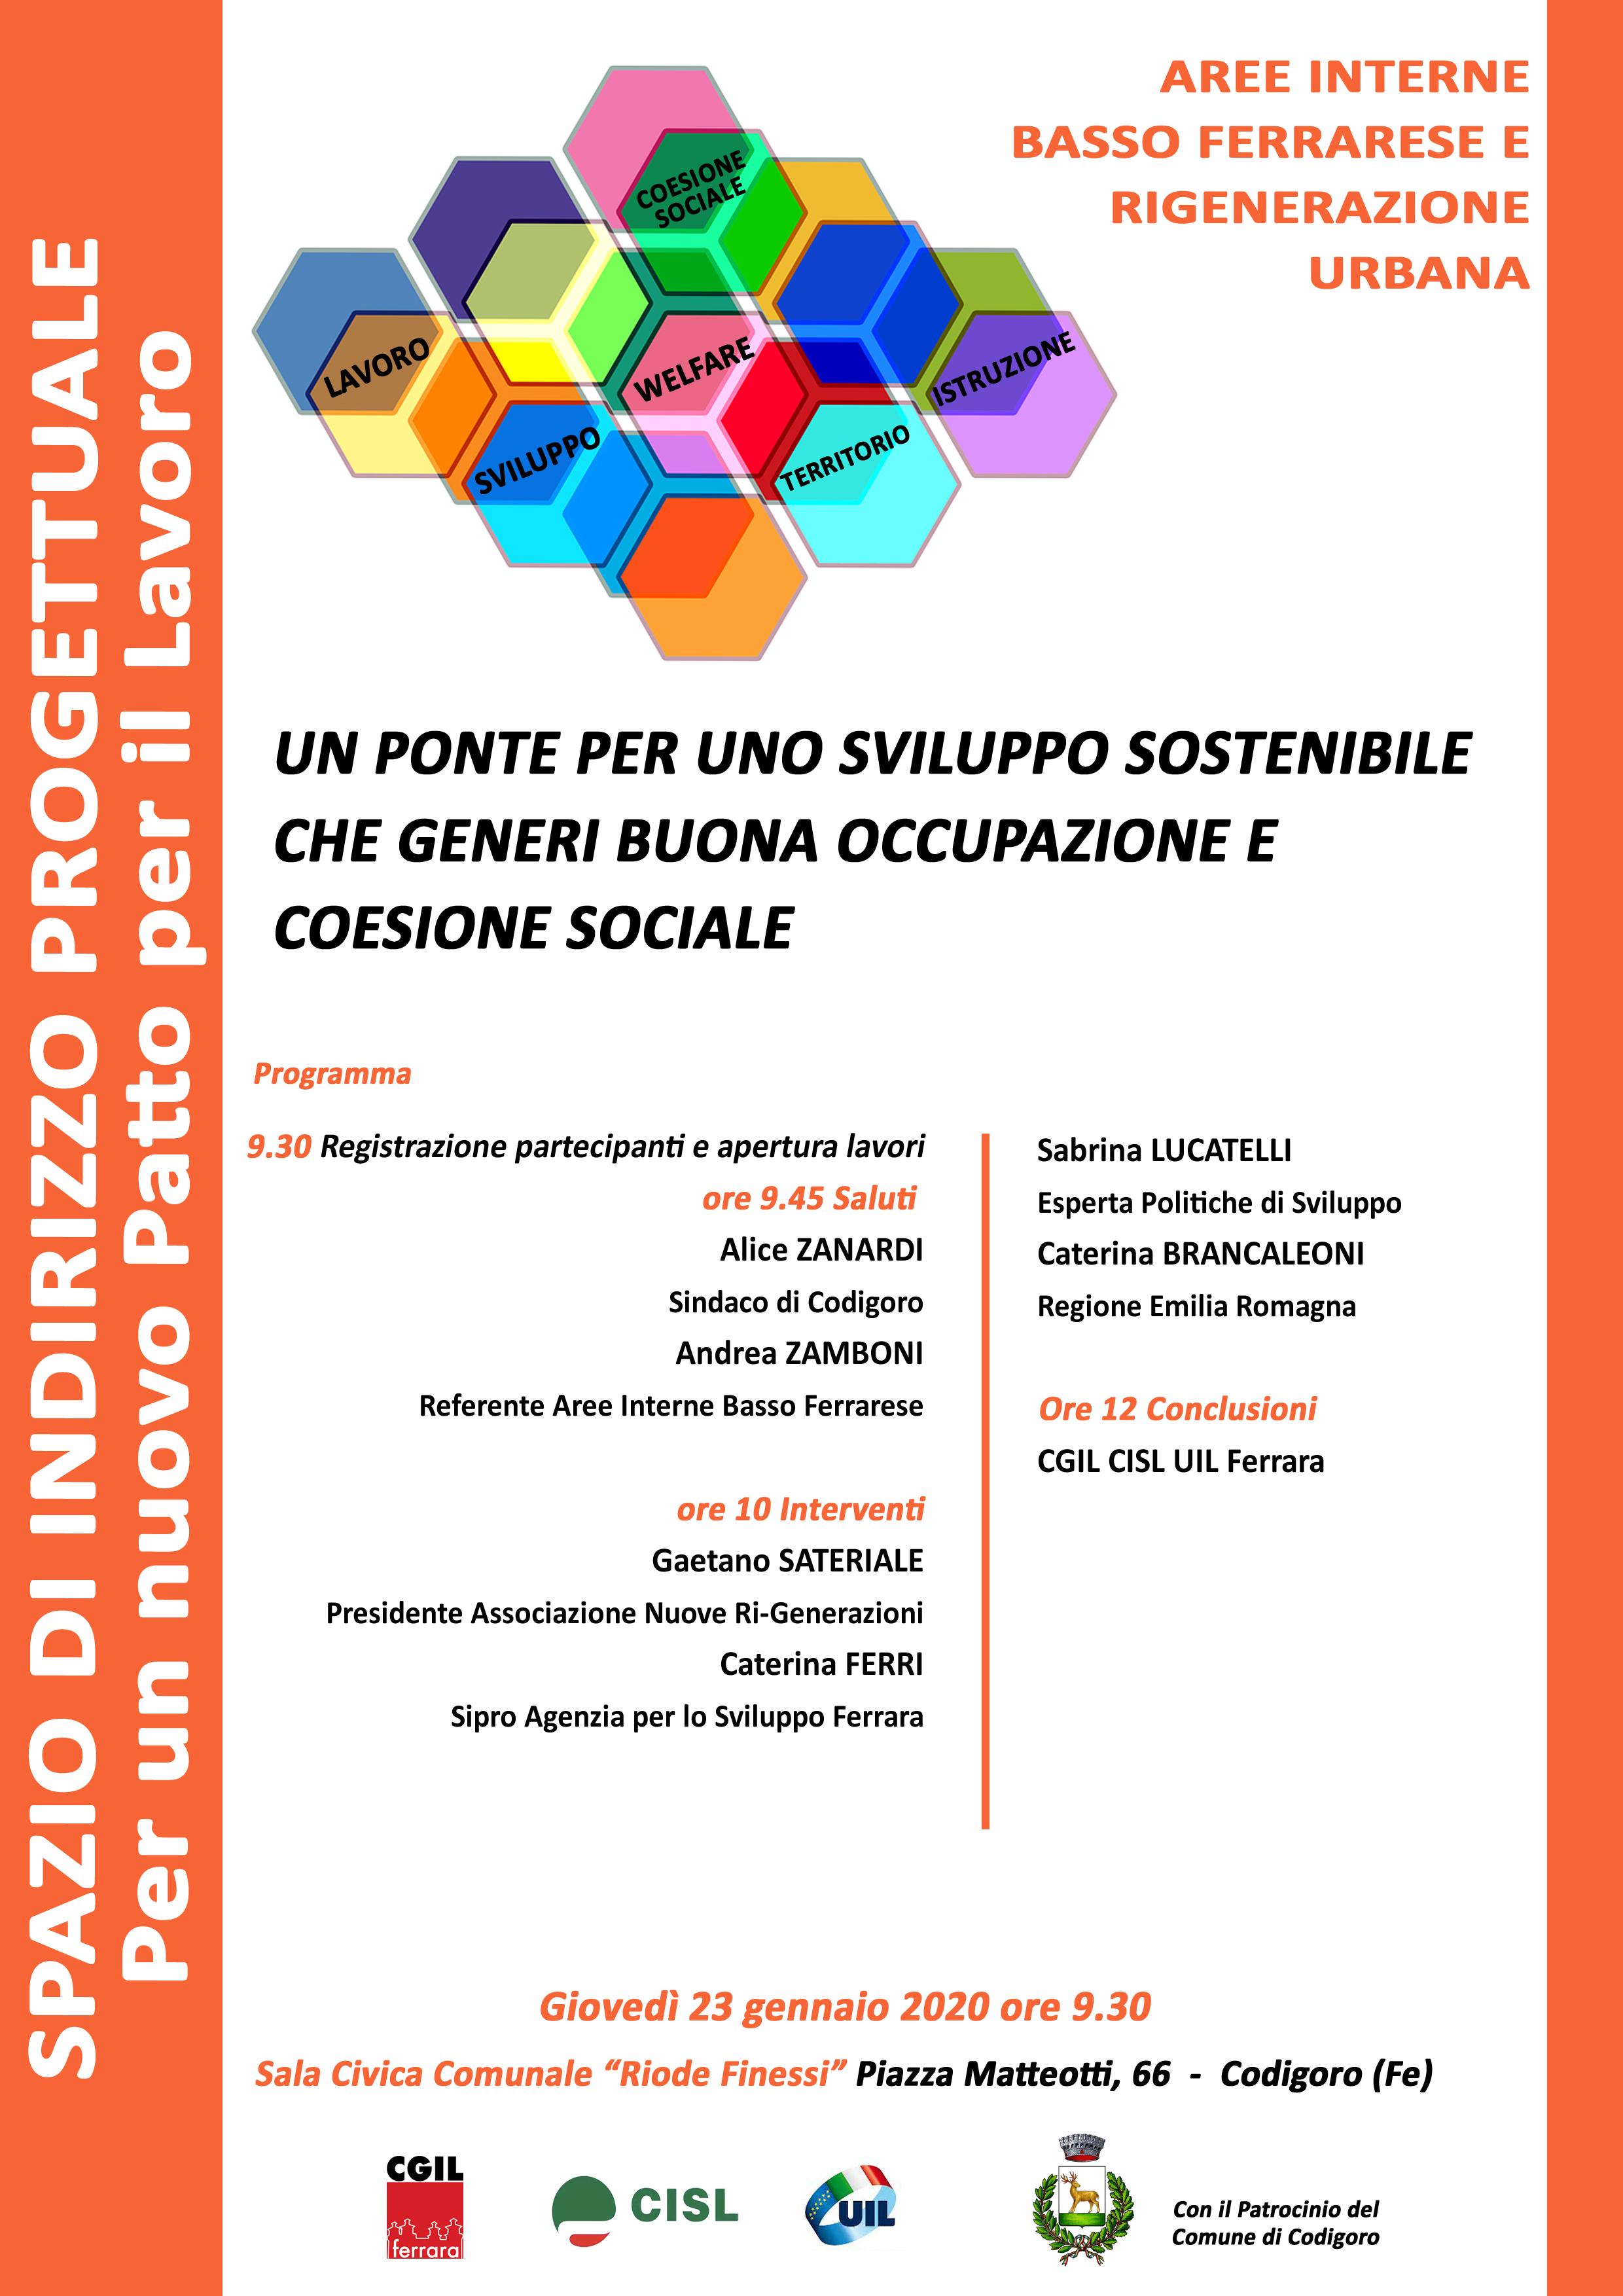 Aree interne Basso Ferrarese: giovedì 23 gennaio uno spazio di indirizzo progettuale organizzato da Cgil Cisl Uil